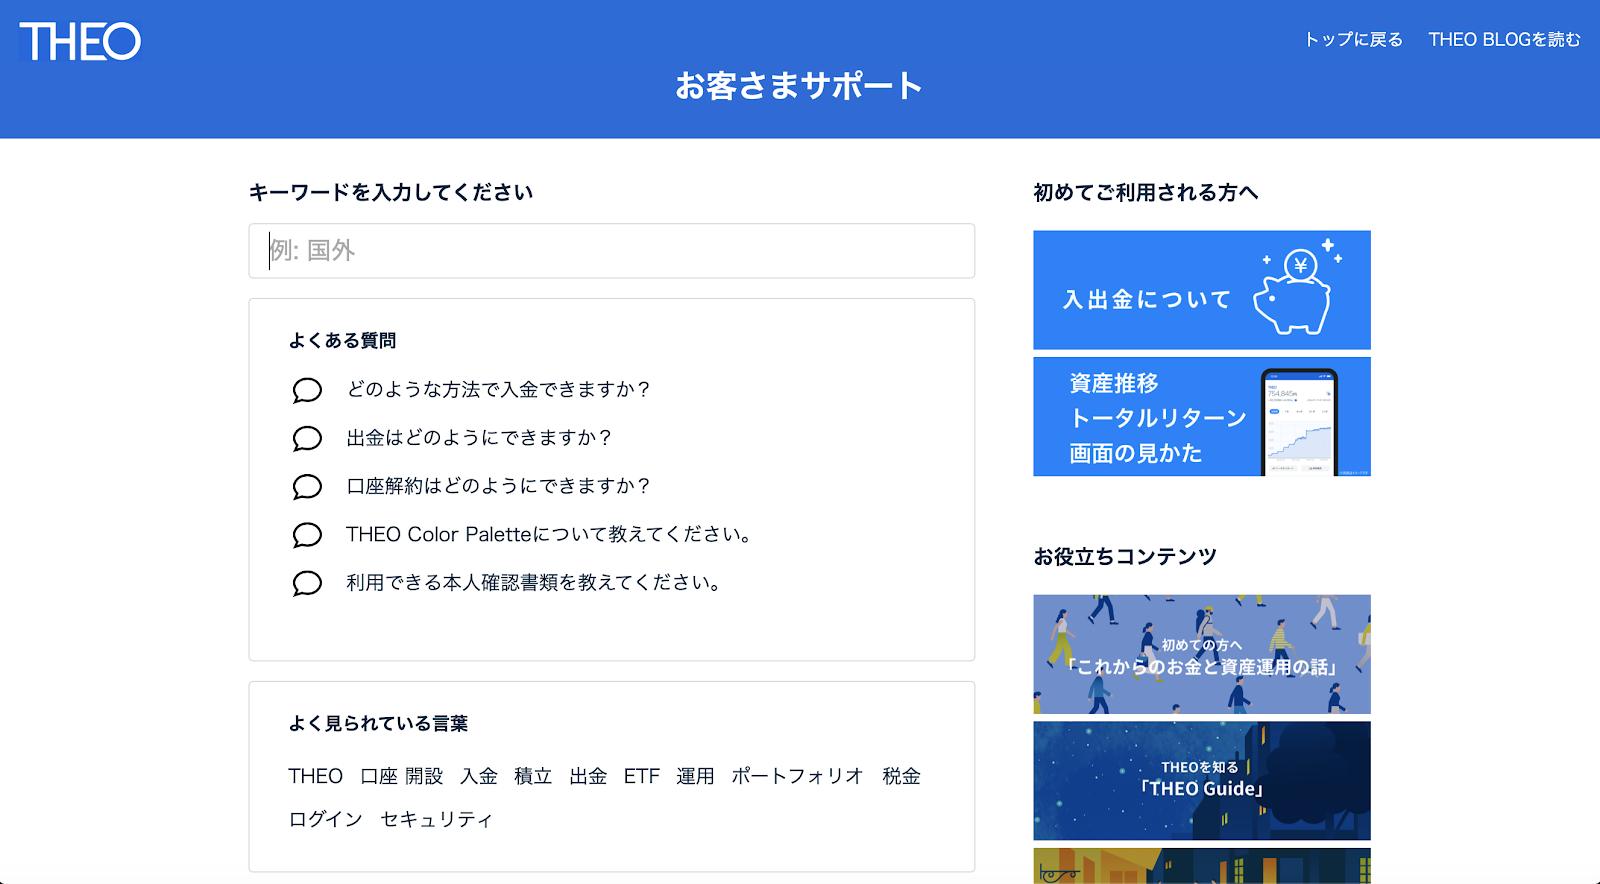 Helpfeel導入事例_お金のデザイン_THEO_FAQページ